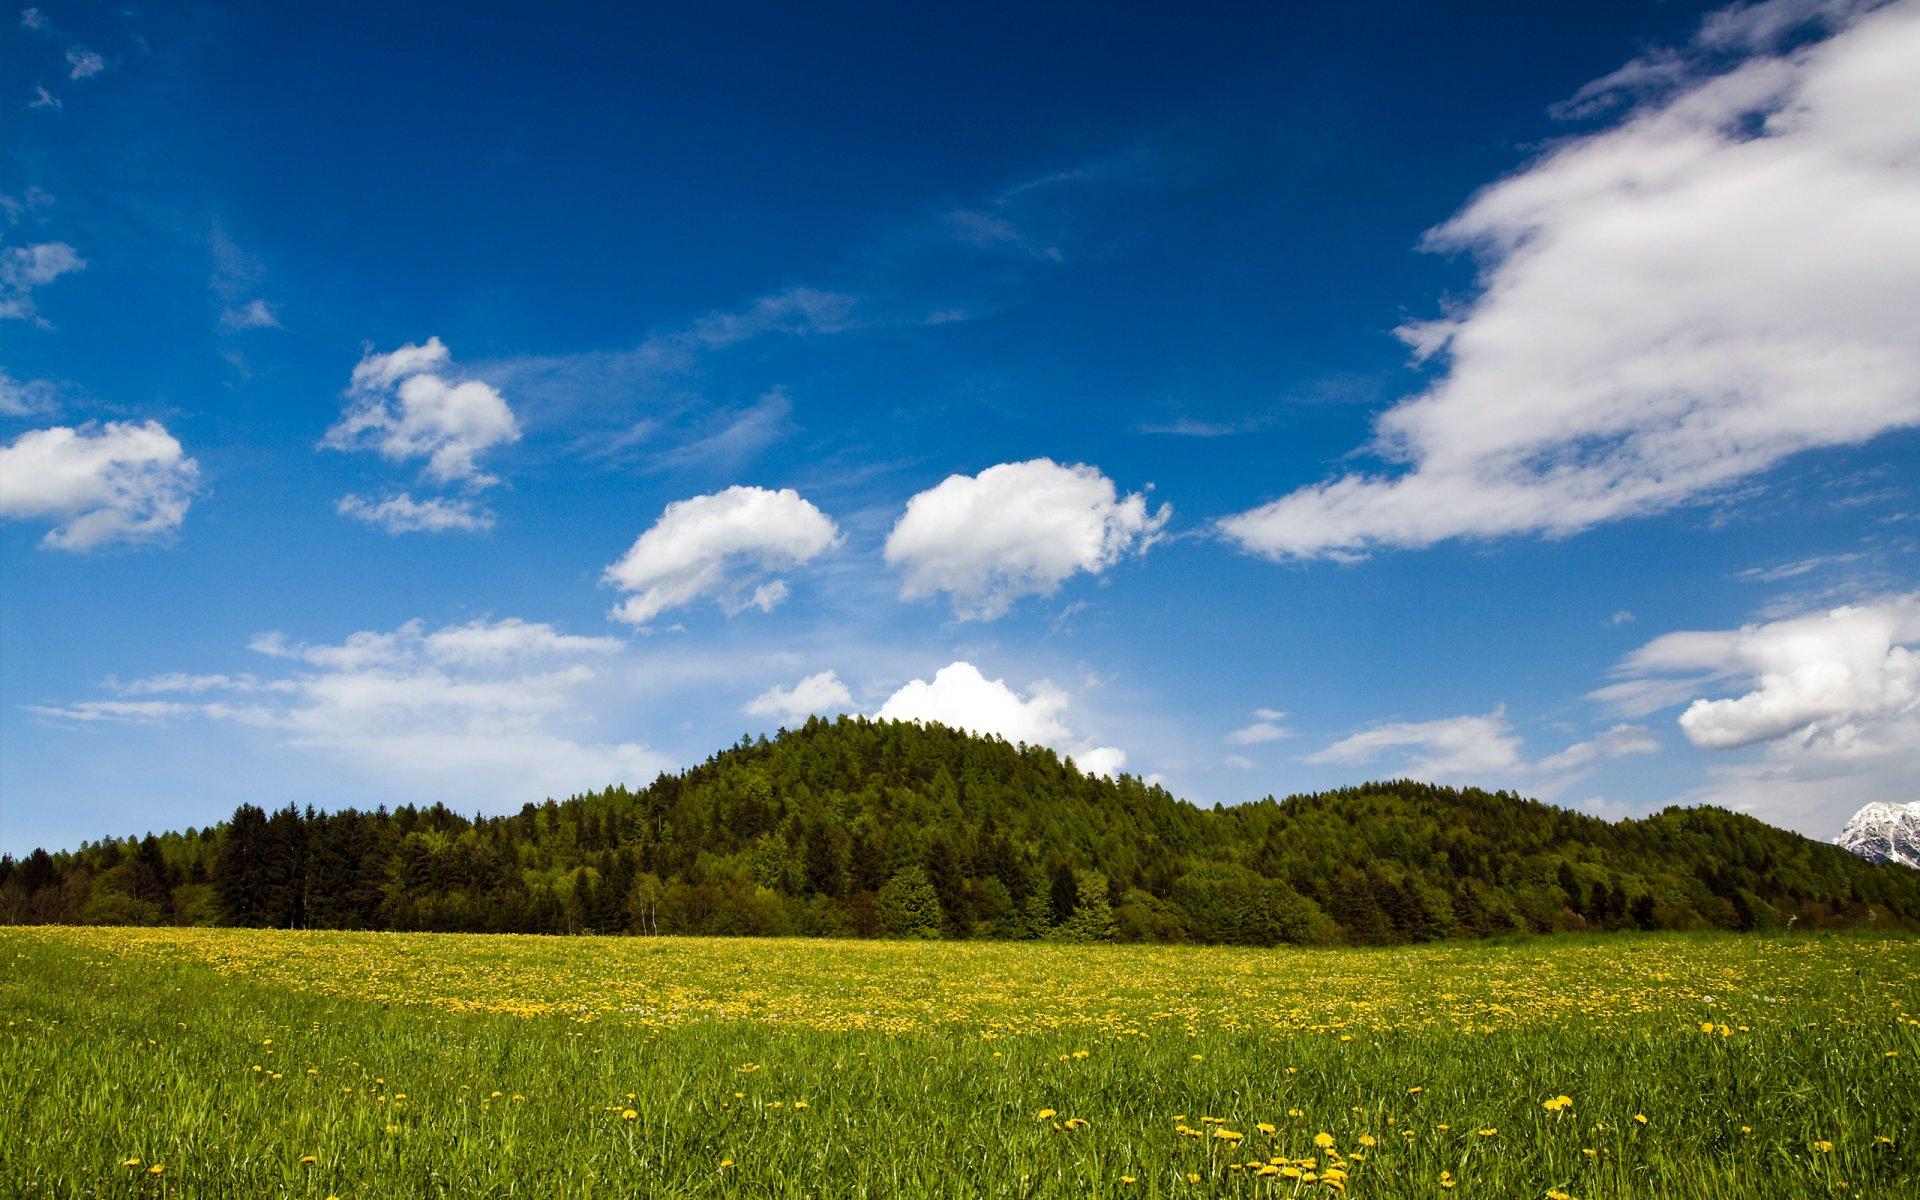 обои на рабочий стол пейзажи природа лето голых смешных